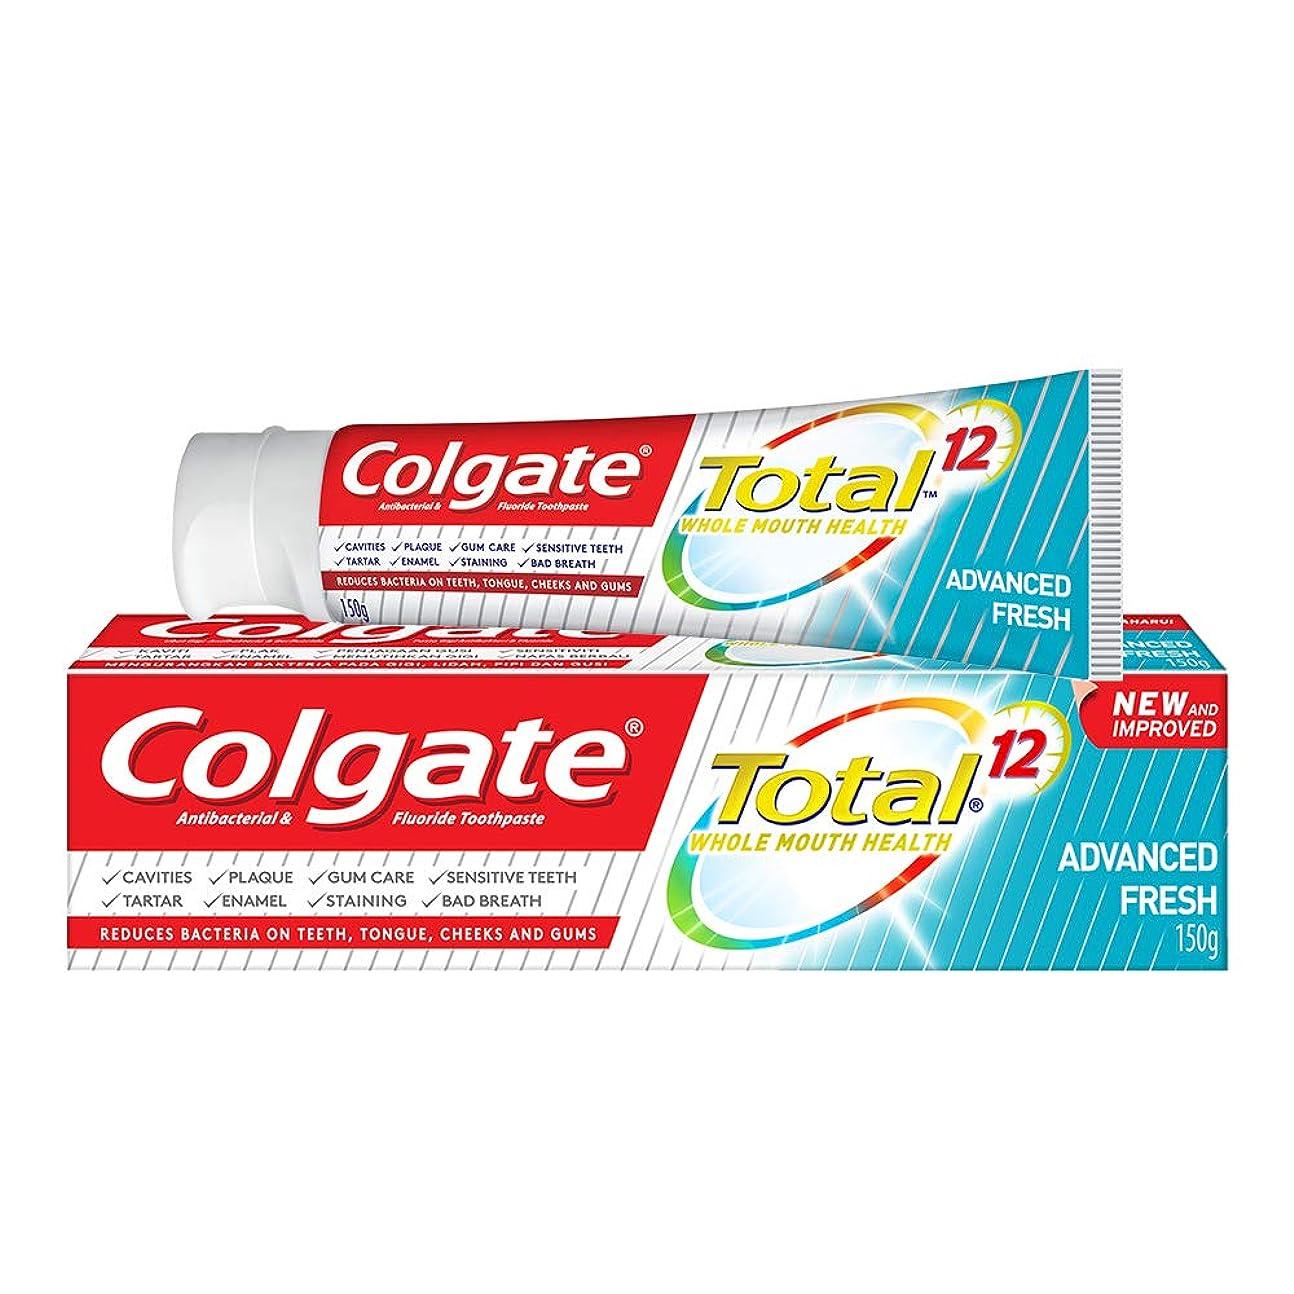 ラジウムスペイン語奇妙なColgate コルゲート トータル トゥースペースト 150g (歯磨き粉) 【歯磨き粉、虫歯予防、アメリカン雑貨】